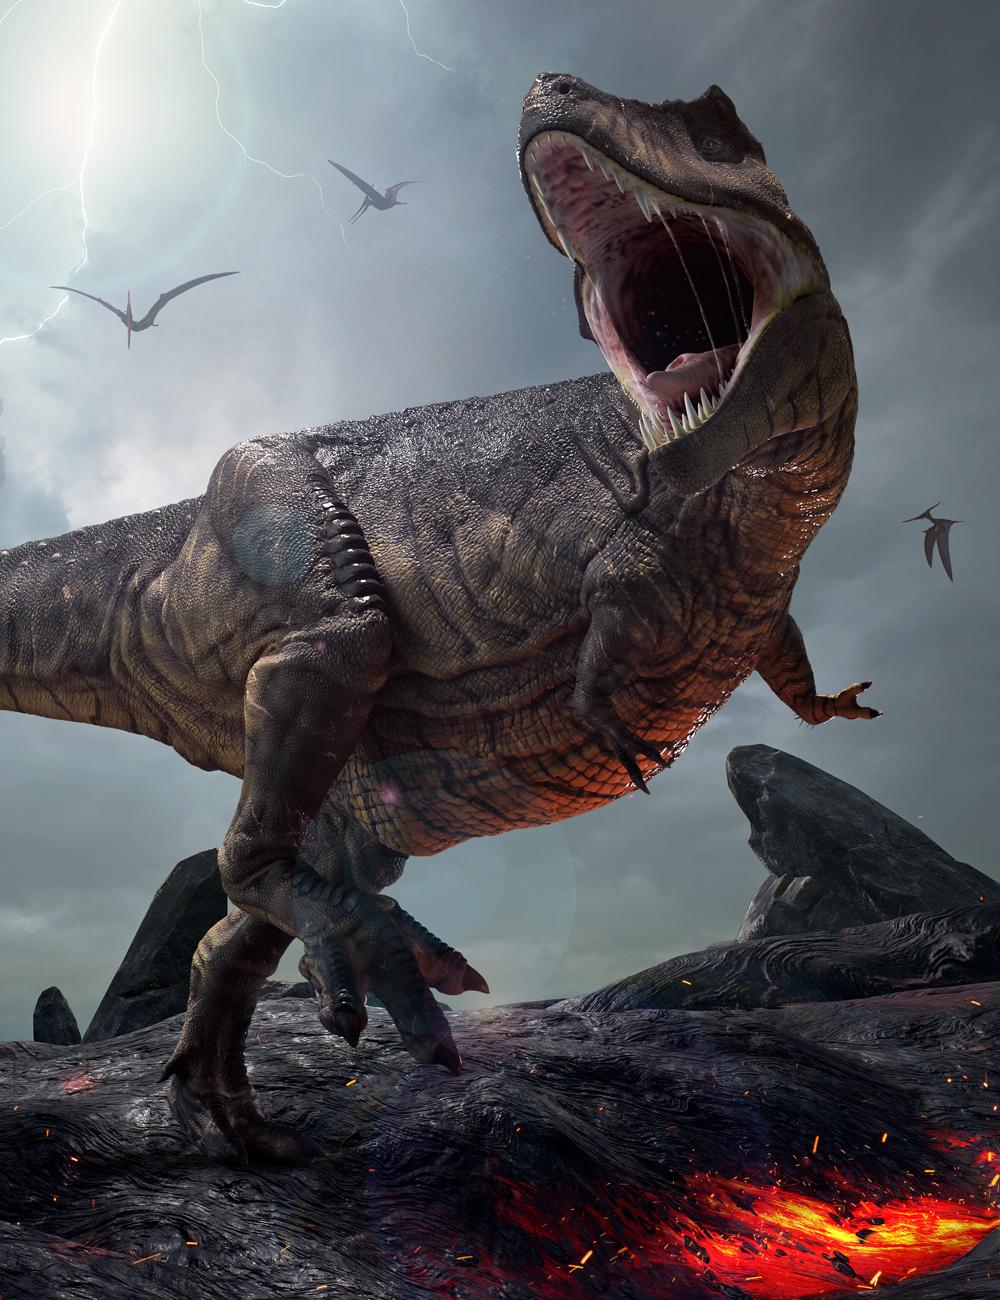 Tyrannosaurus Rex - Tyrant-Lizard King by: Herschel Hoffmeyer, 3D Models by Daz 3D